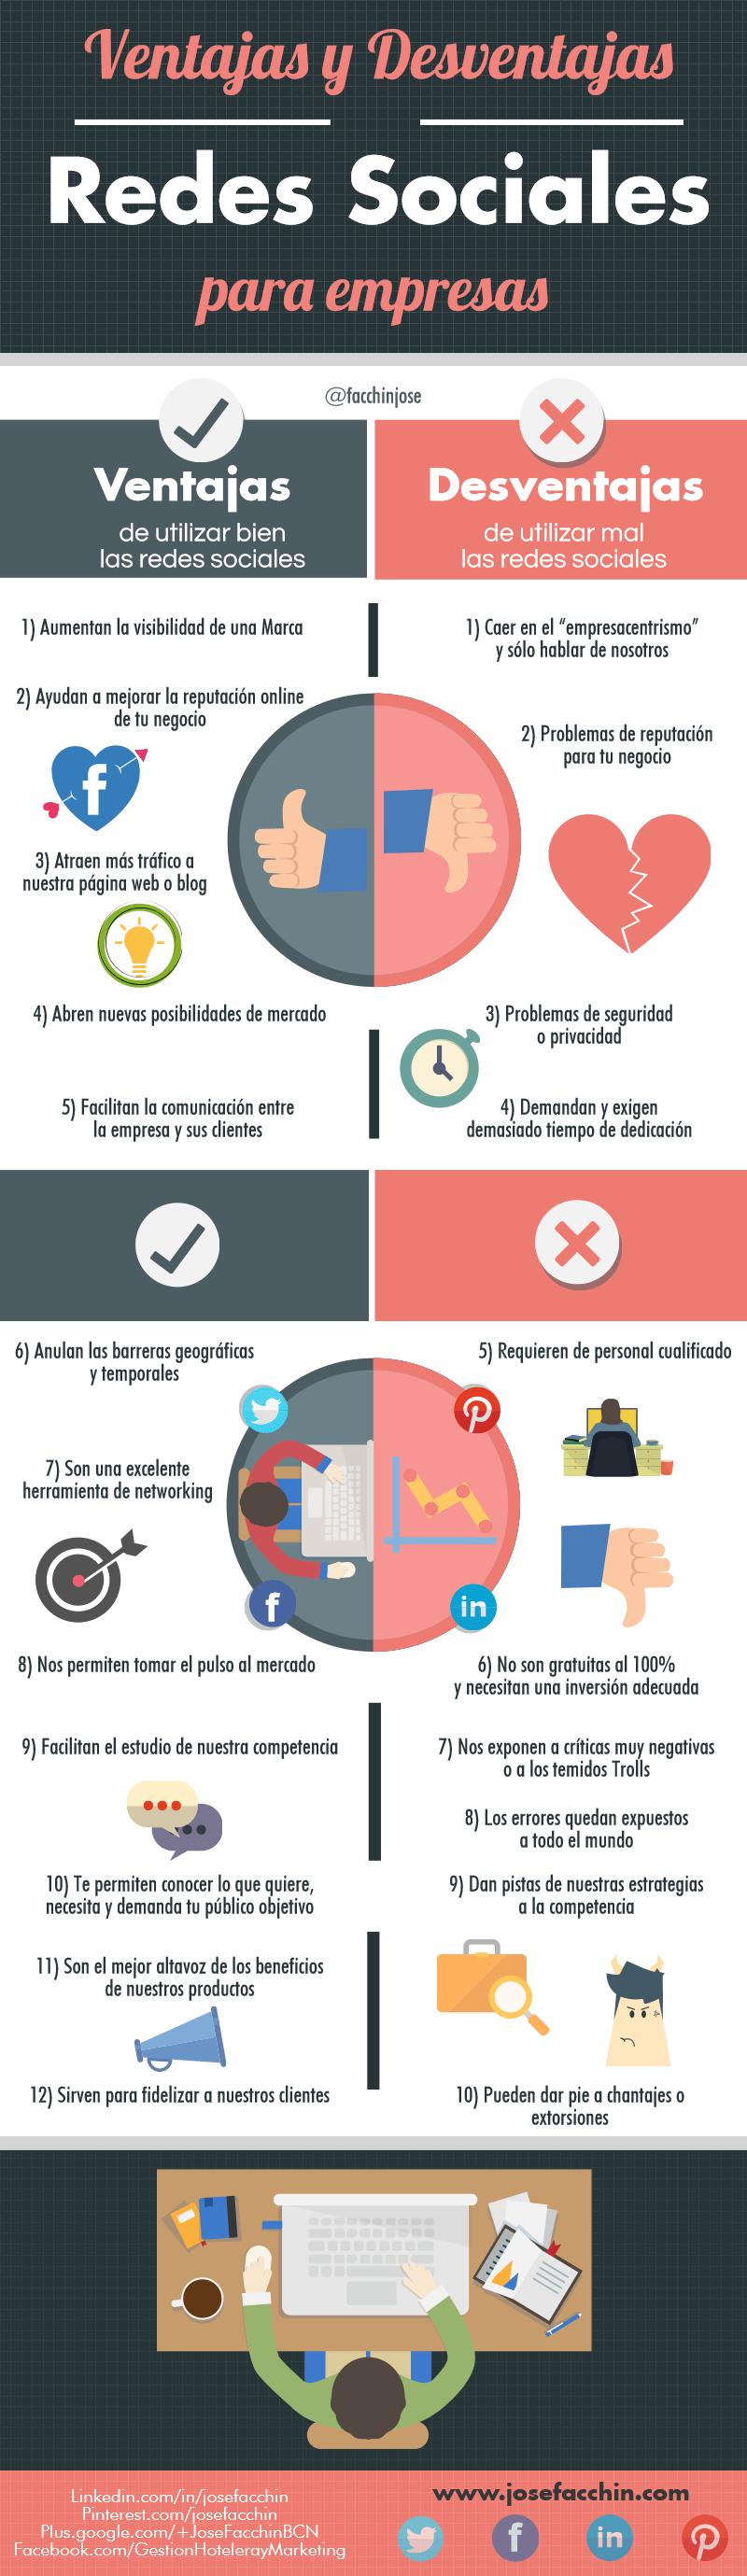 ventajas-redes-sociales-para-empresas